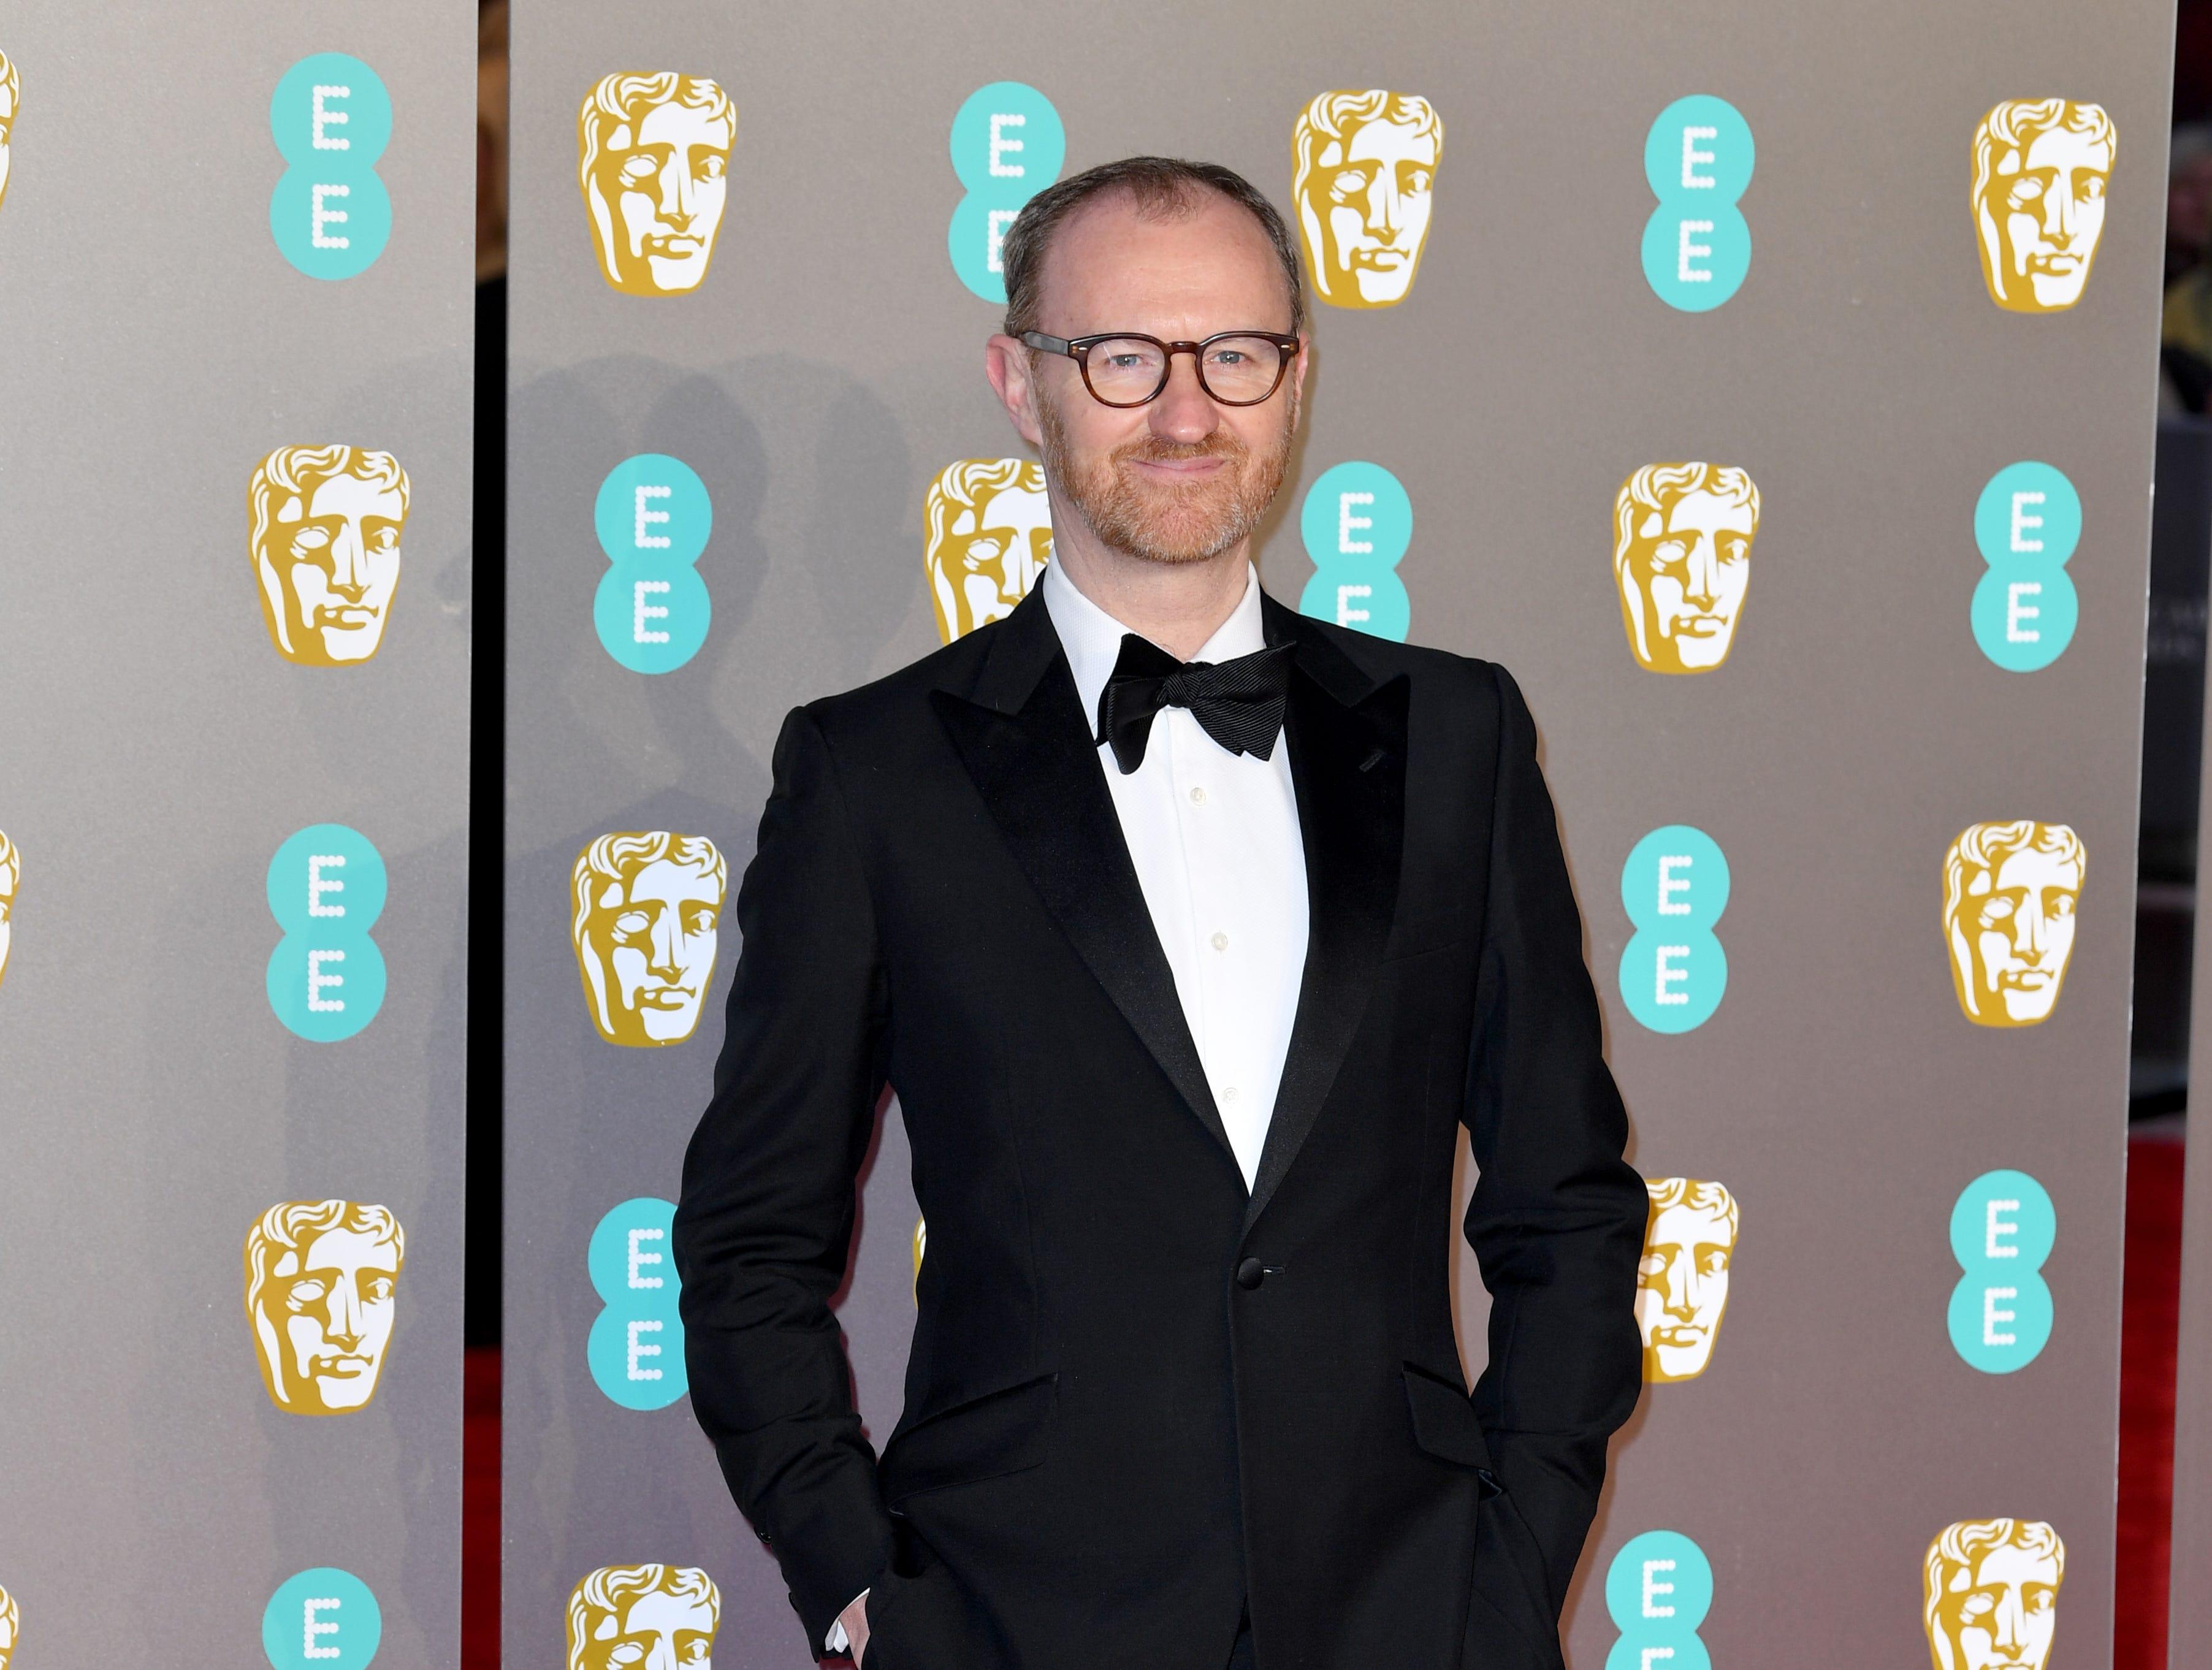 Mark Gatiss a su llegada a la alfombra roja de los Premios de la Academia Británica de Cine BAFTA en el Royal Albert Hall en Londres el 10 de febrero de 2019.